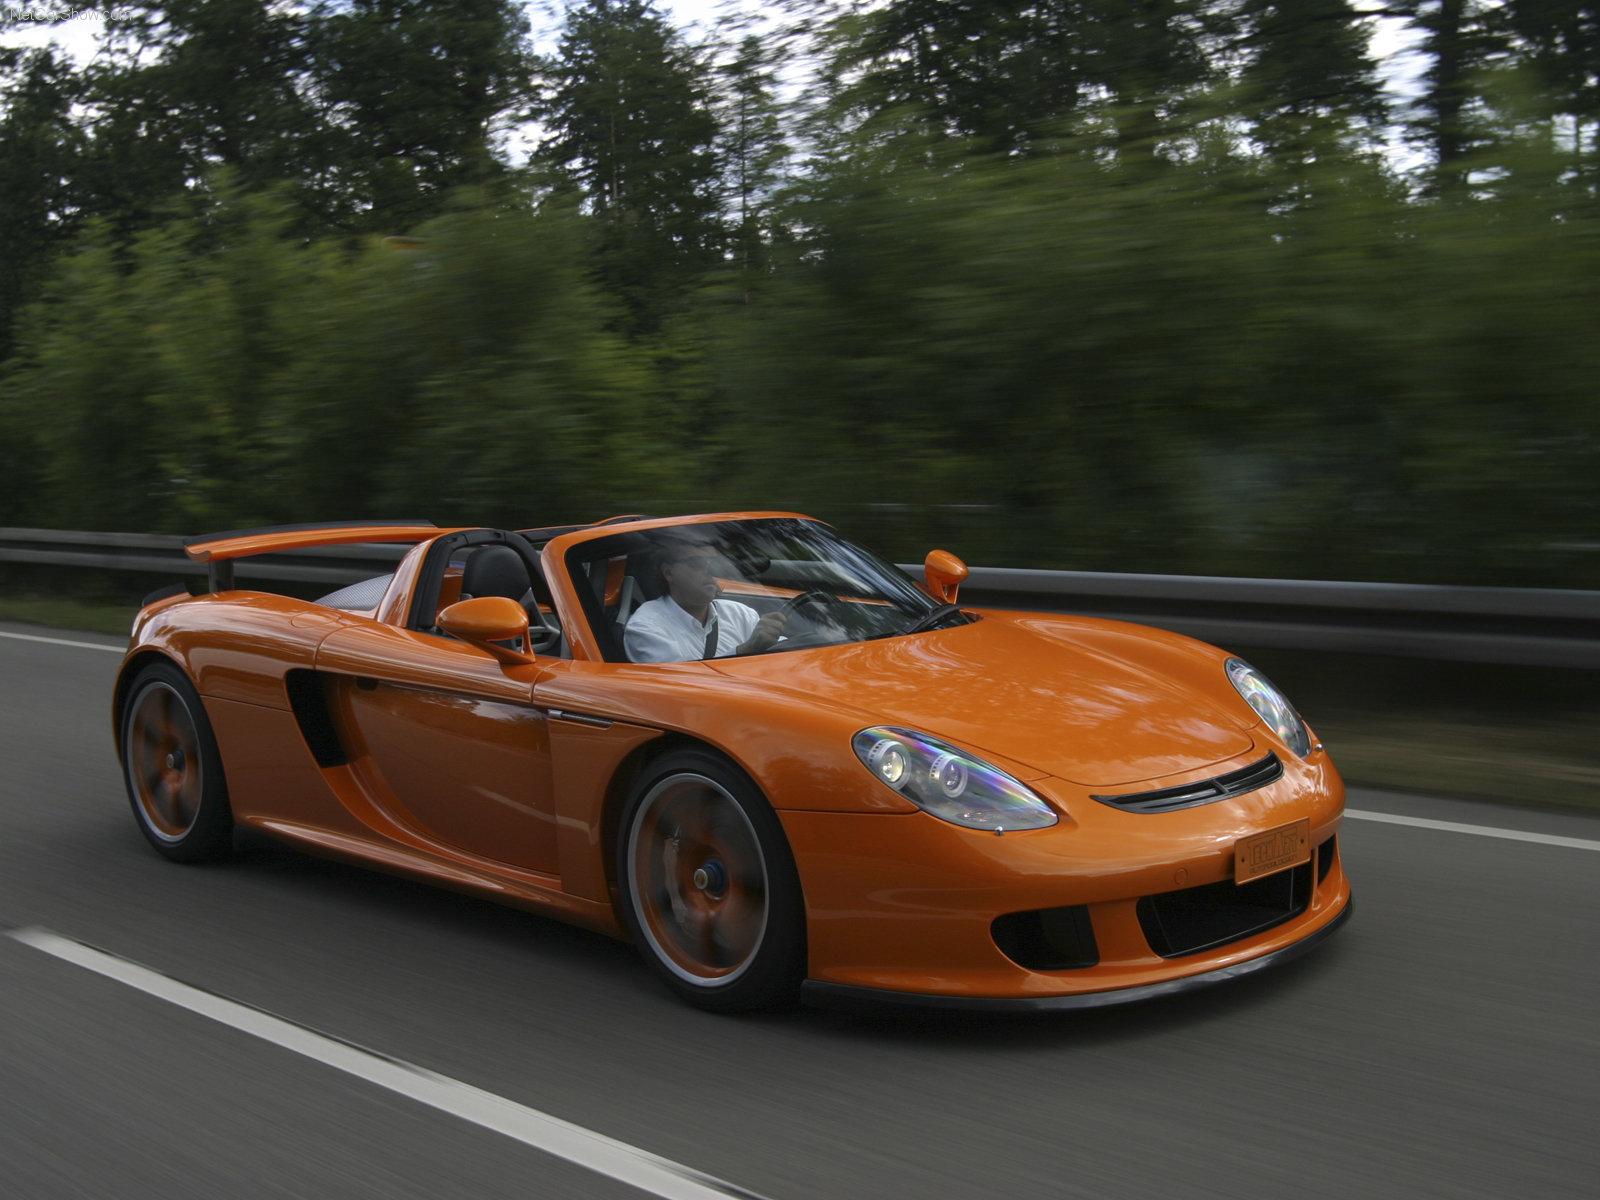 http://4.bp.blogspot.com/-VkzAm8jEqoI/Te0IrelYmiI/AAAAAAAAAXY/7InCoWo9MPQ/s1600/Porsche%2BCarrera%2BGT%2BWallpapers-2.jpg